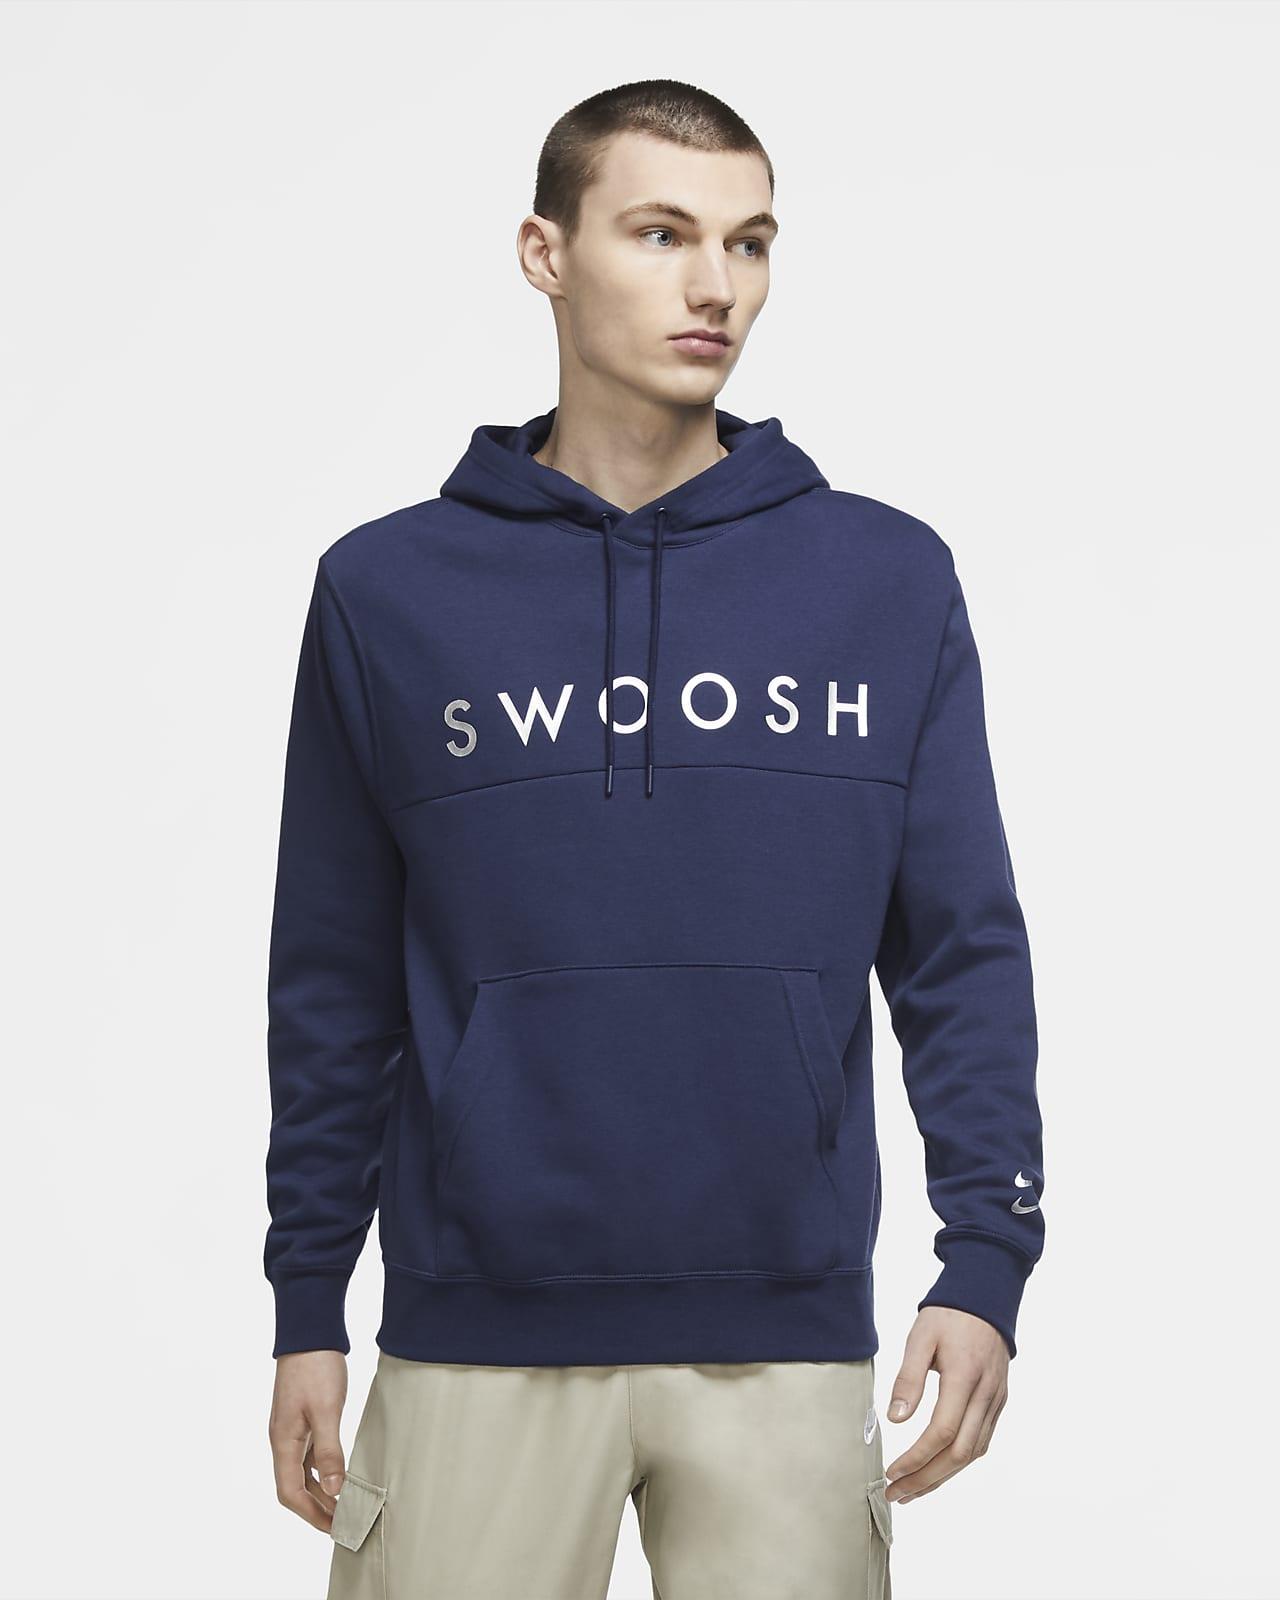 Hoodie pullover Nike Sportswear Swoosh para homem